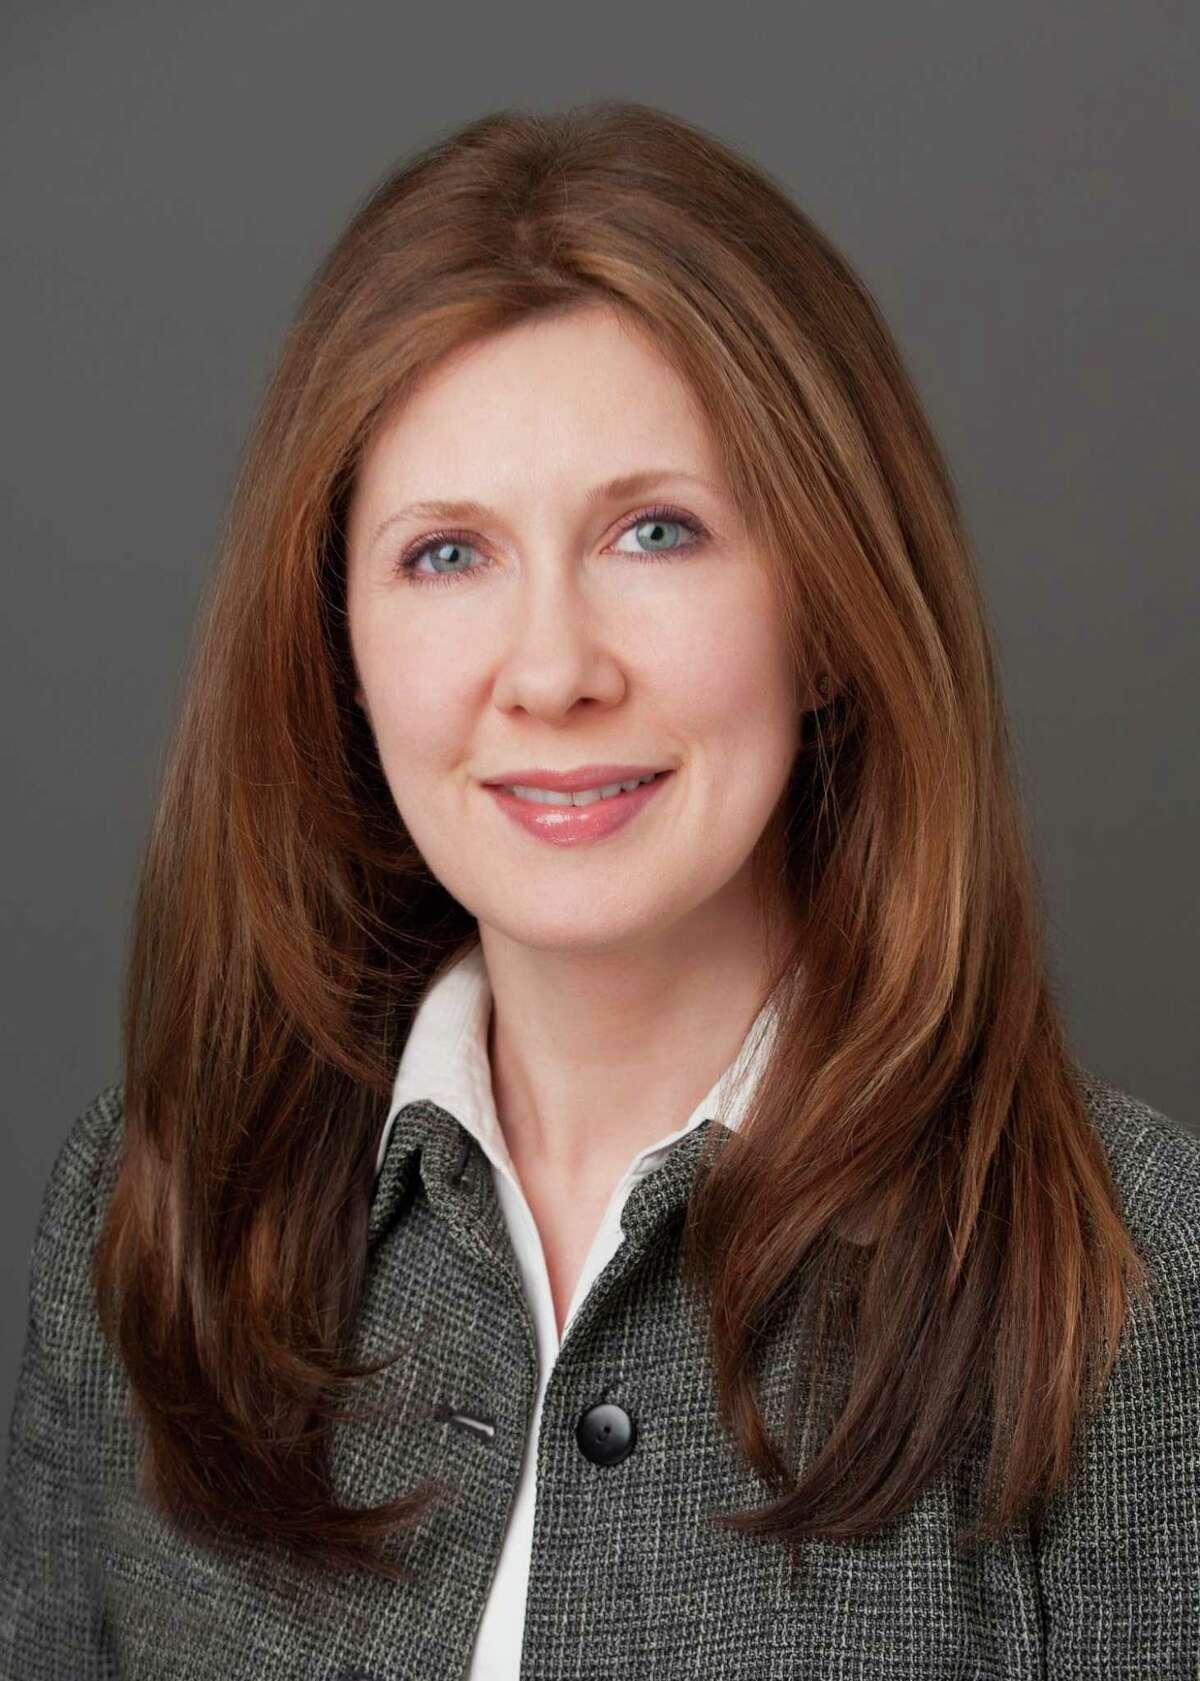 Jennifer H. Rearden